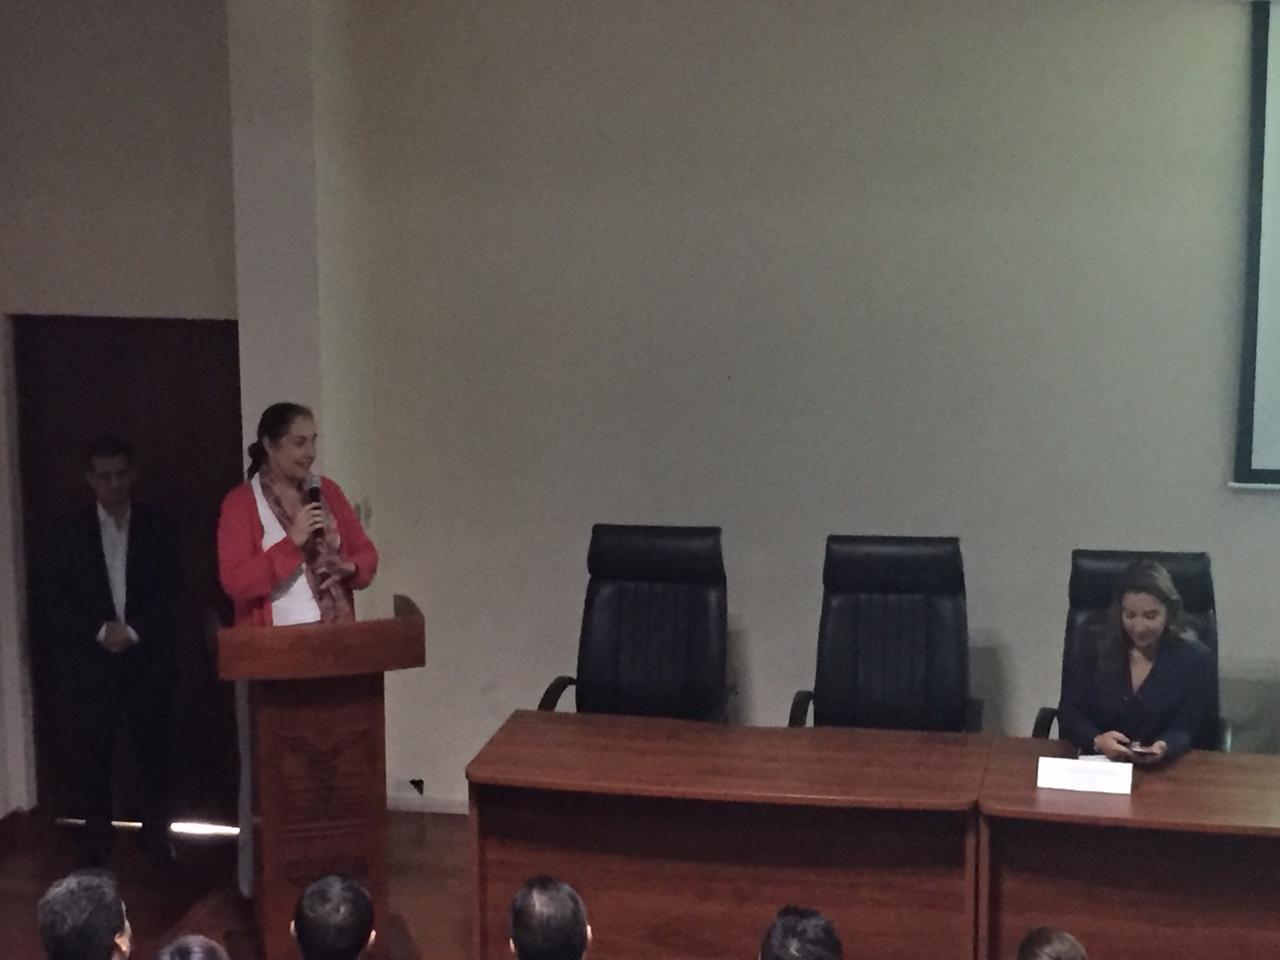 Dra. Bárbara Vizmanos al micrófono en el podio